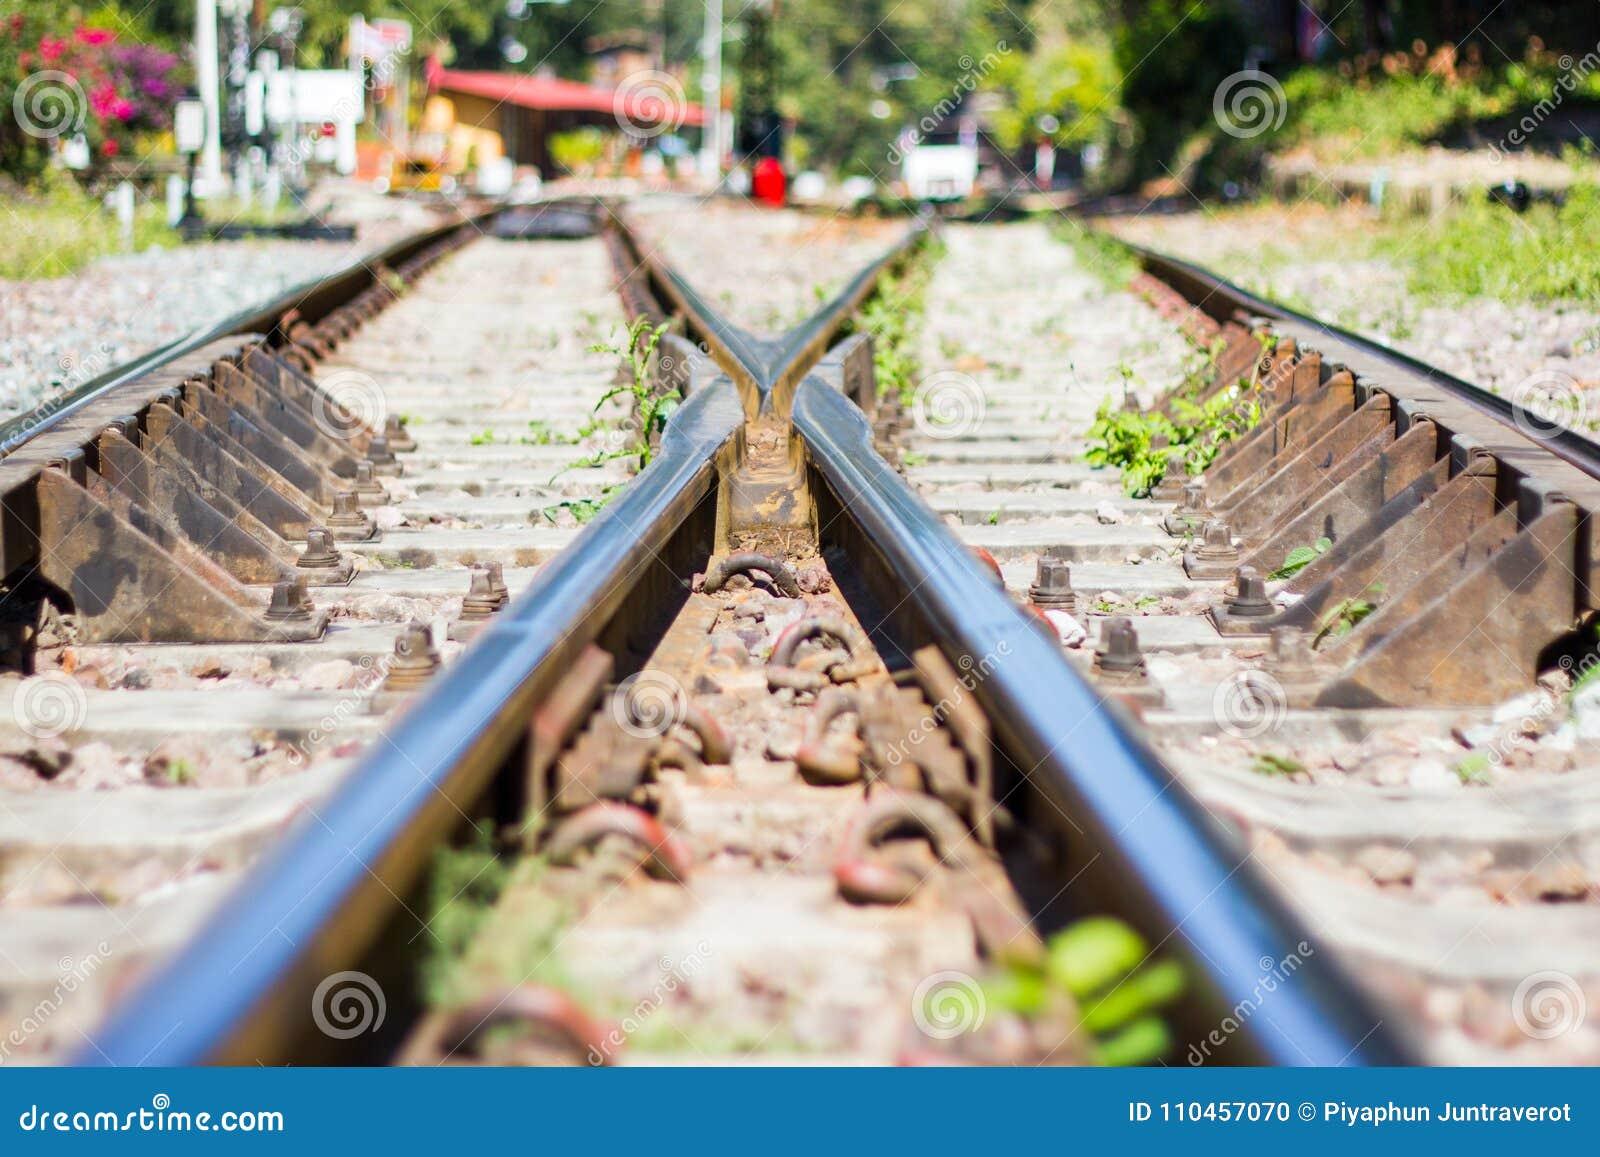 Järnvägsspår linje korsning järnvägsspår på stenen